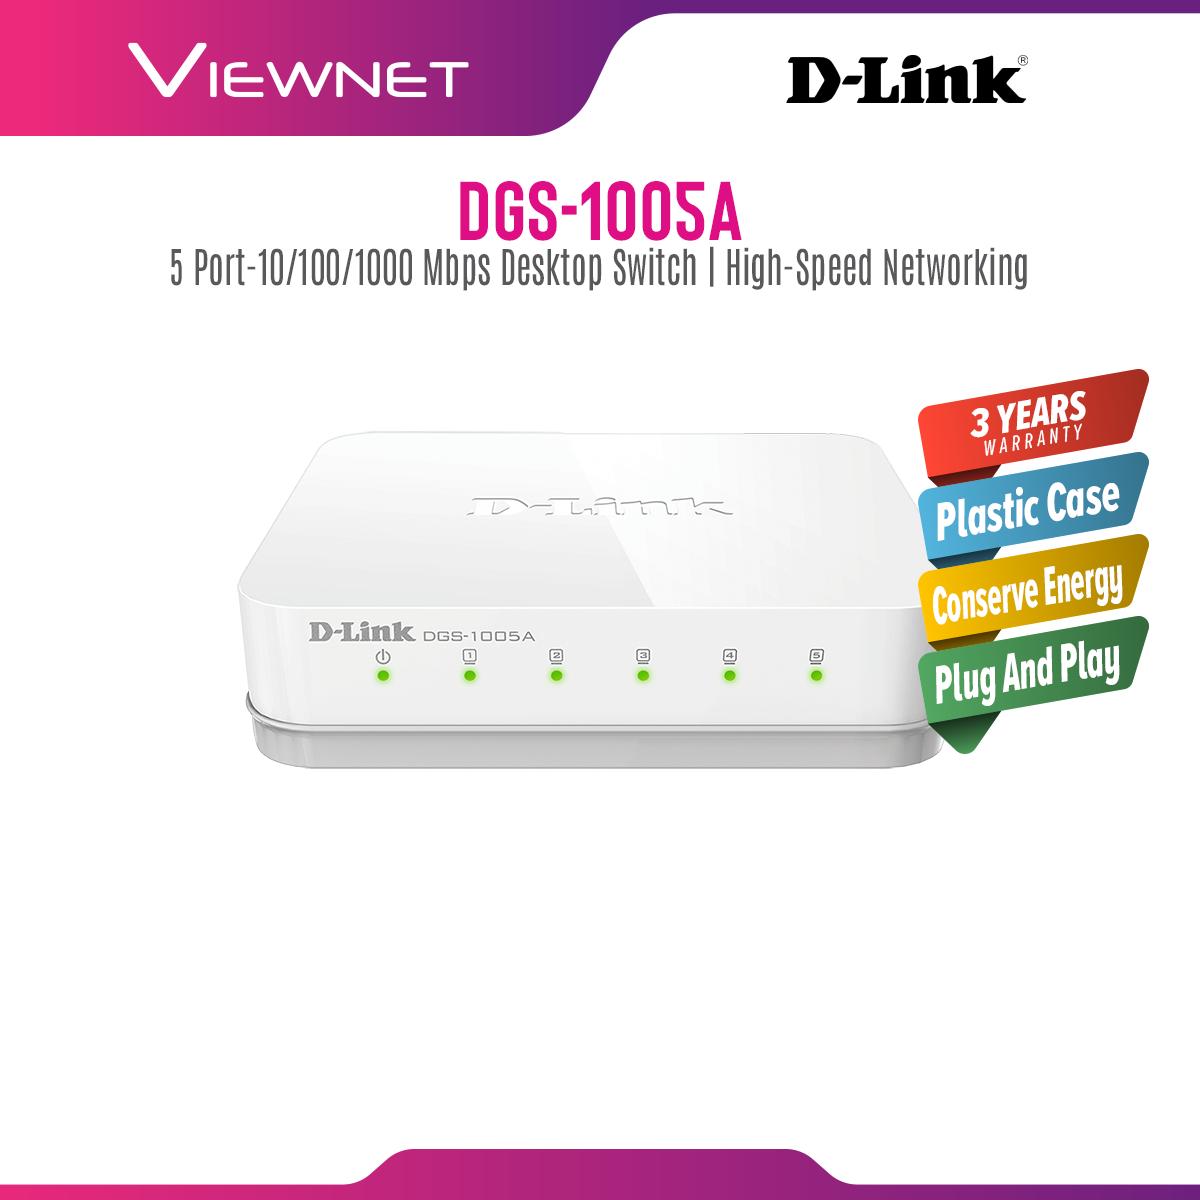 D-Link DGS-1005A 5-Port Unmanaged Gigabit Desktop Switch In Plastic Casing